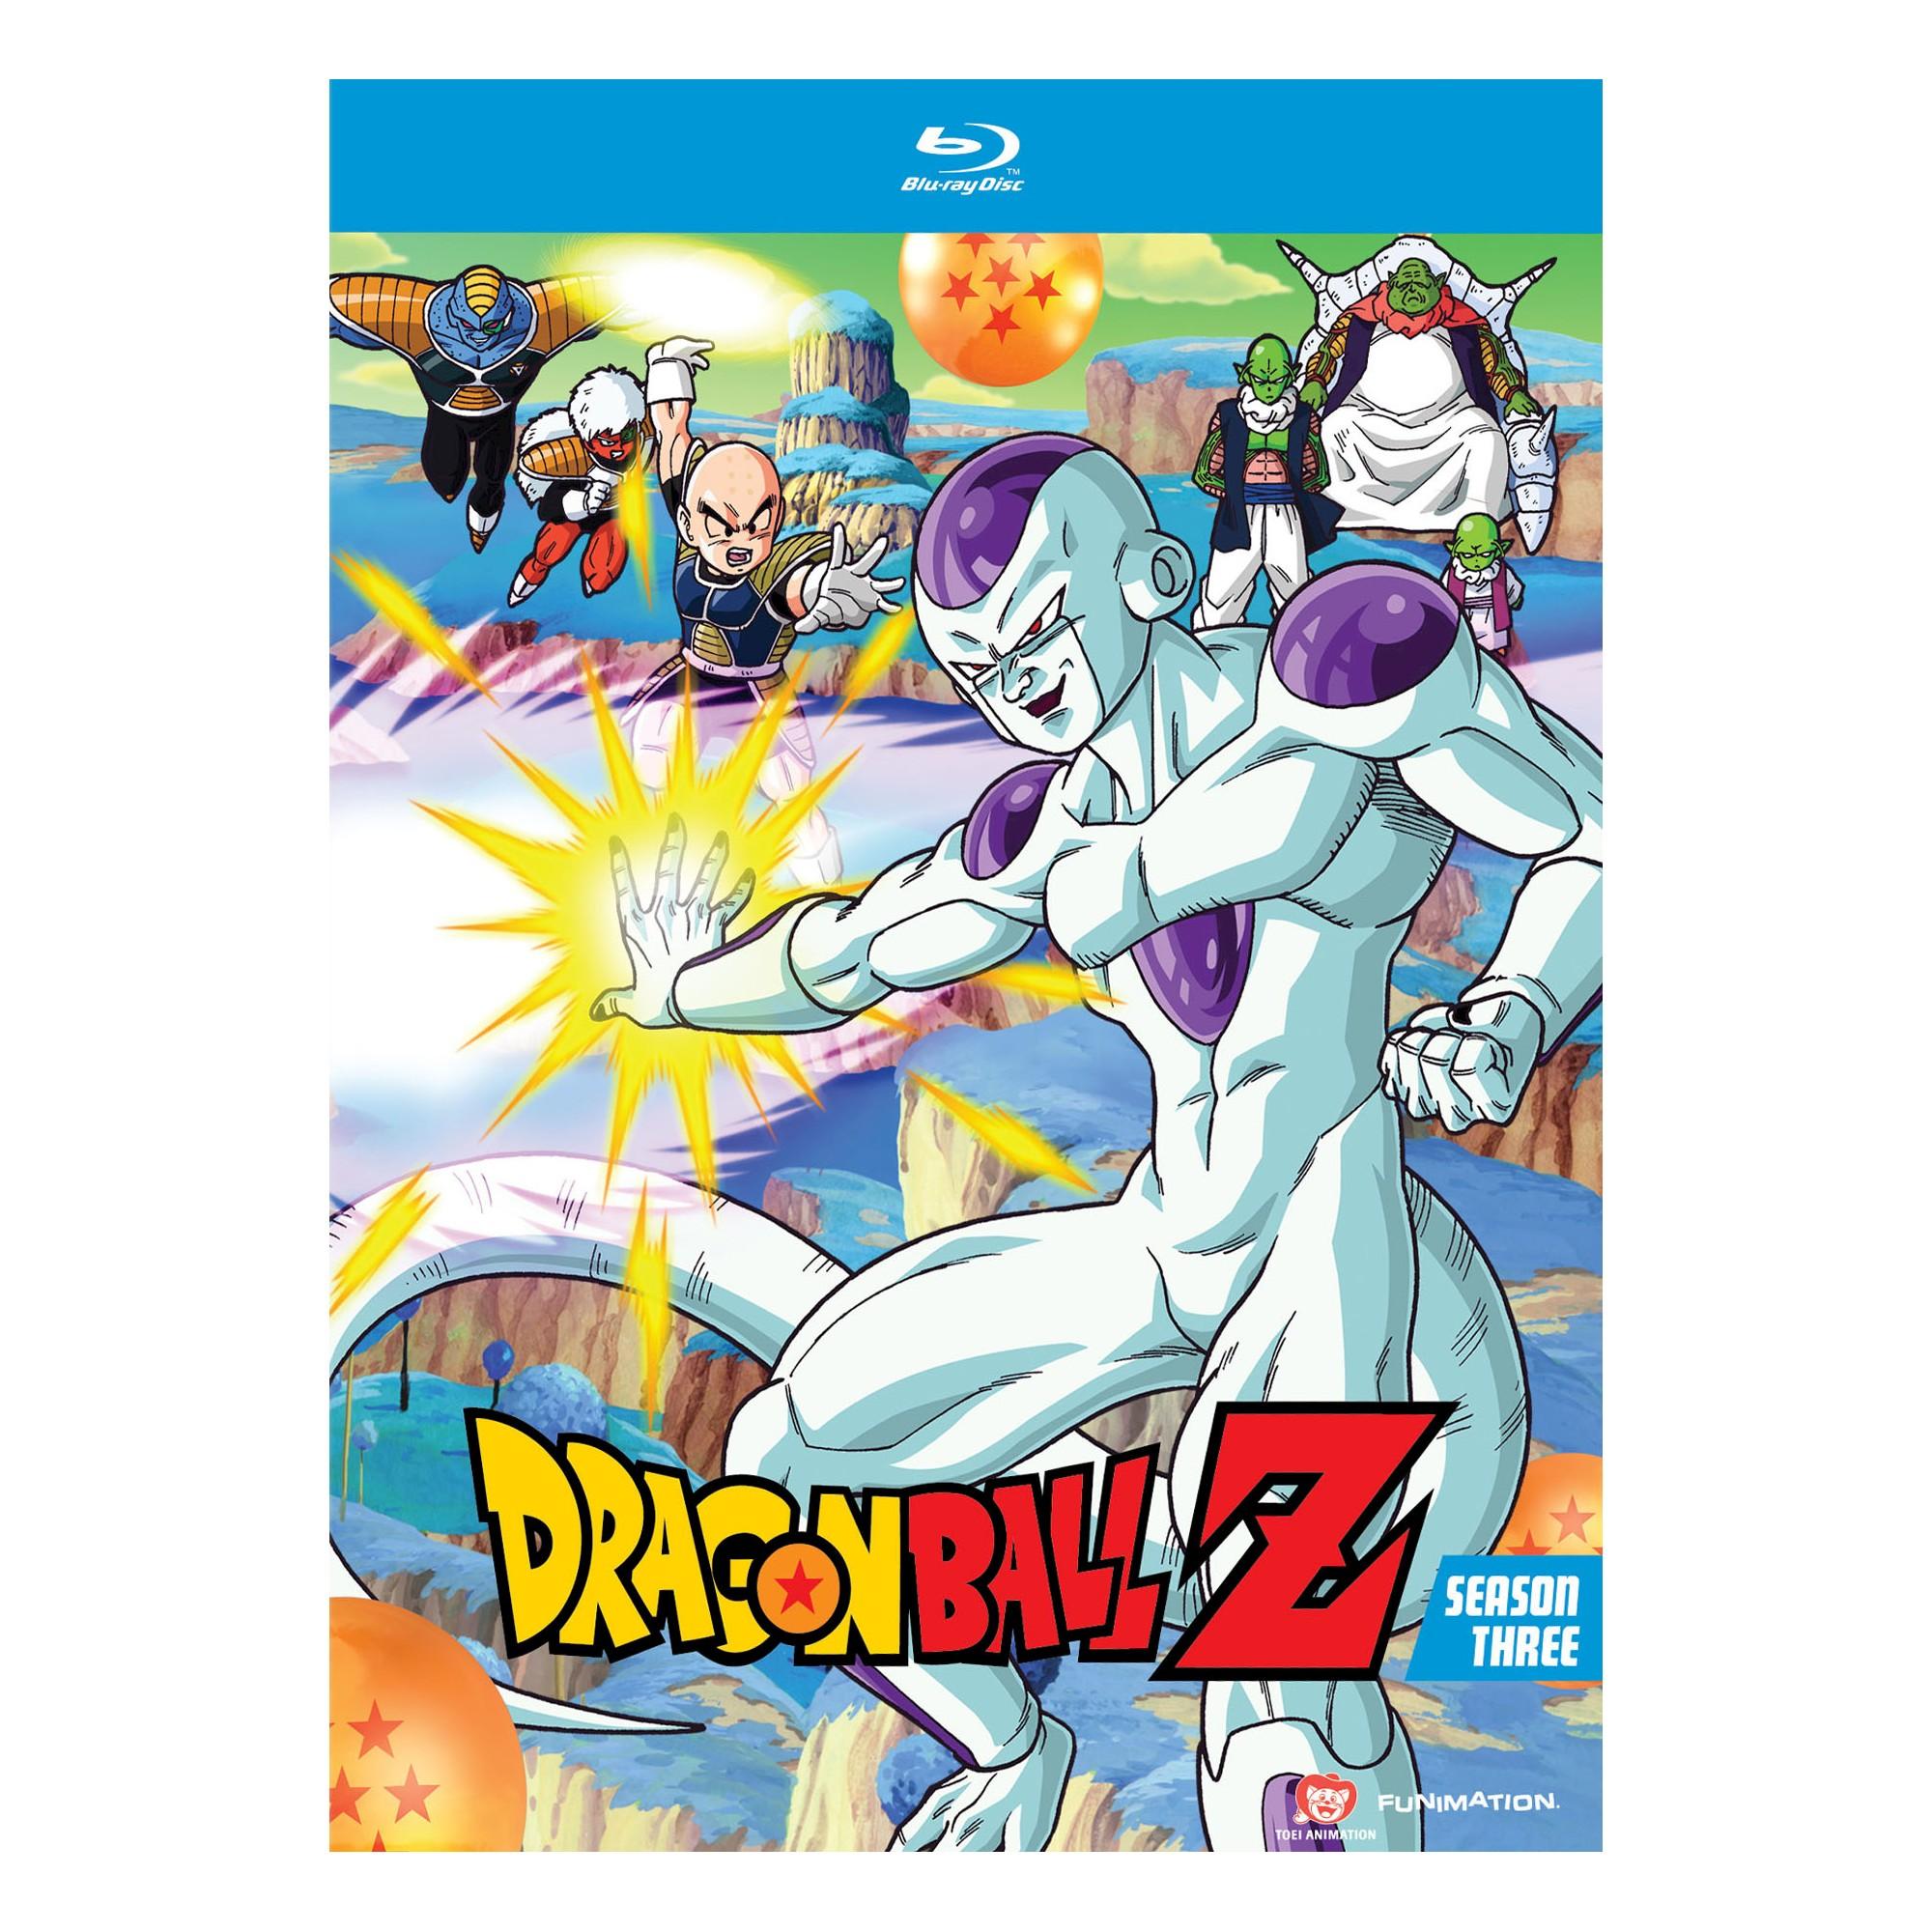 Dragon ball zseason 3 blu ray dragon ball and products dragon ball zseason 3 blu ray ccuart Image collections